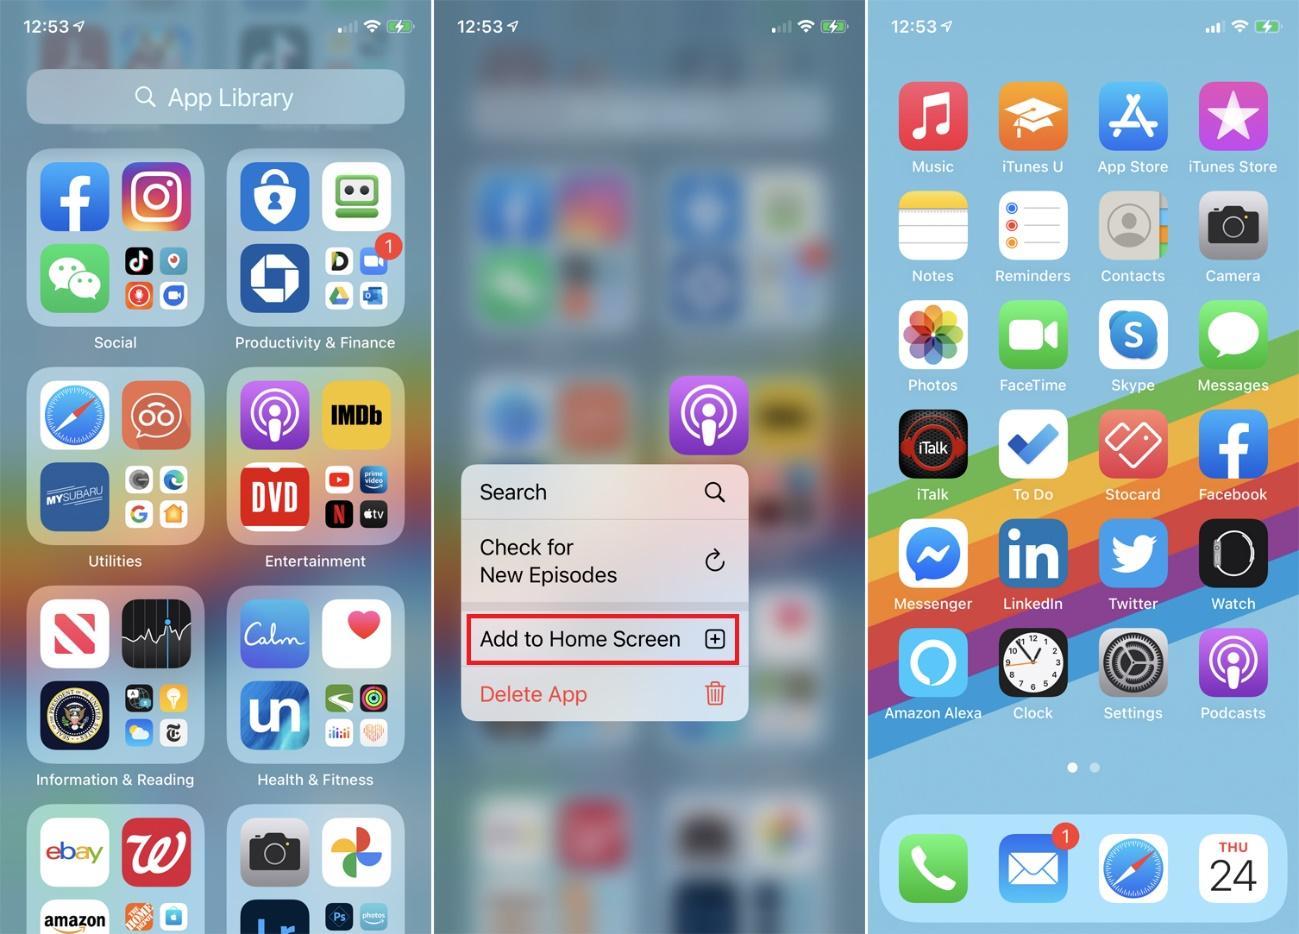 añadir la aplicación a la pantalla de inicio